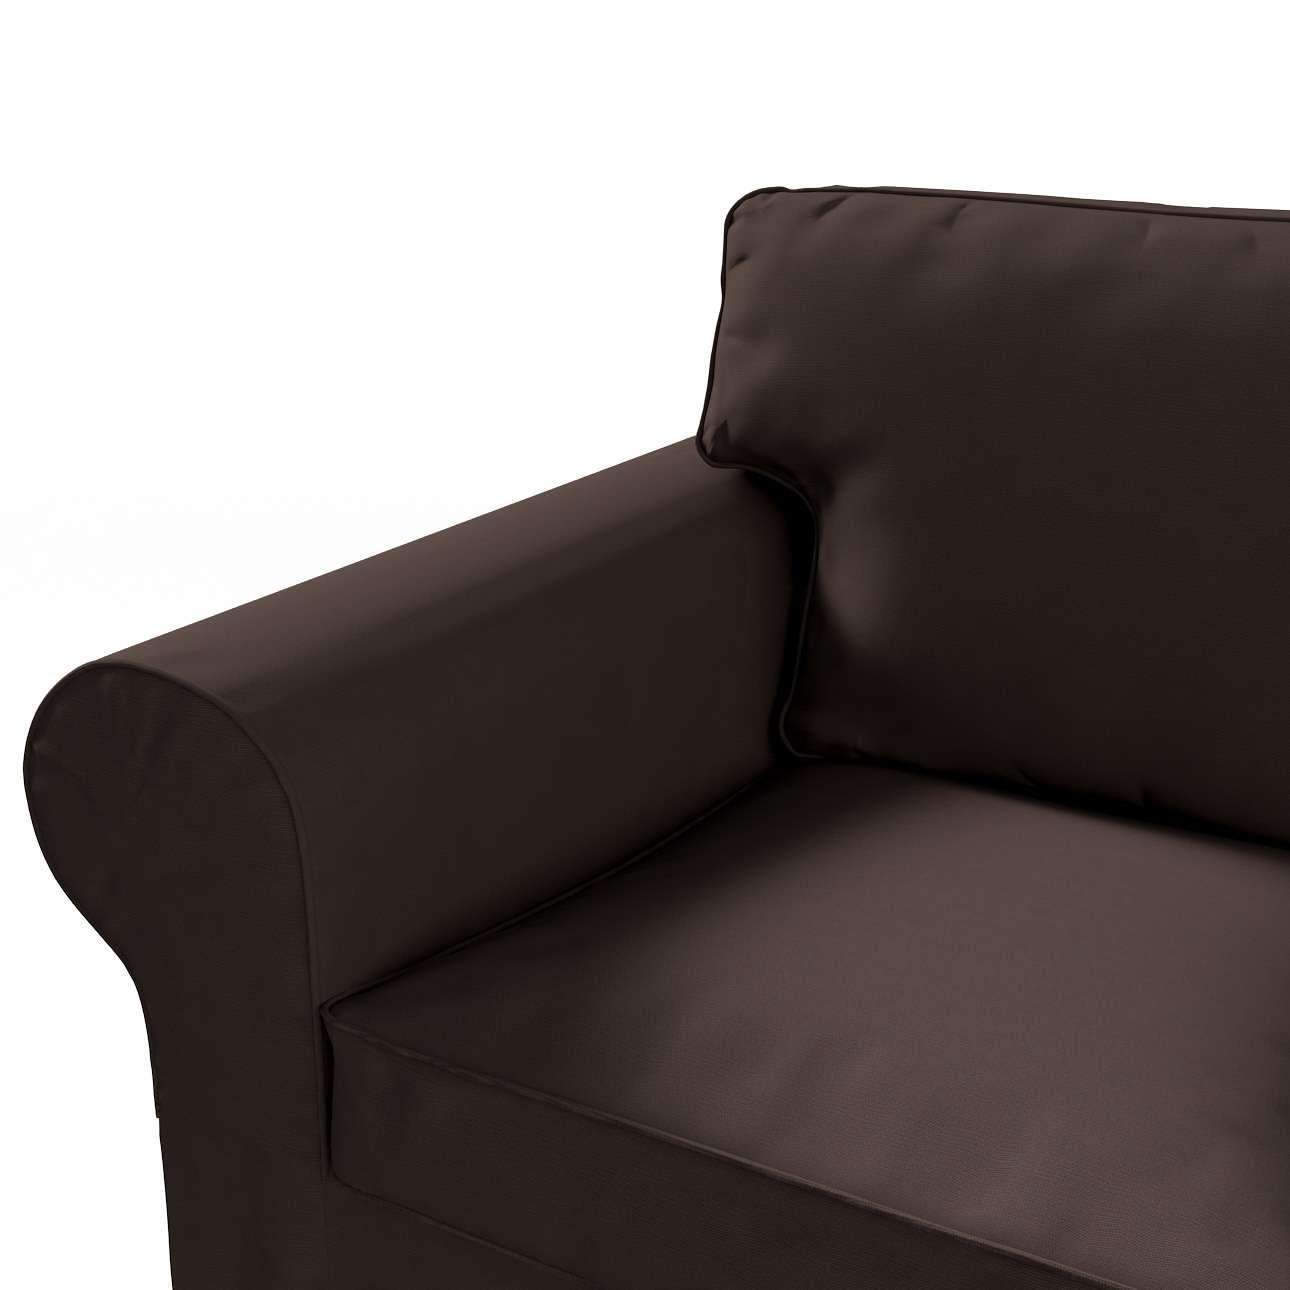 Potah na pohovku IKEA  Ektorp 3-místná, nerozkládací pohovka Ektorp 3-místná v kolekci Cotton Panama, látka: 702-03